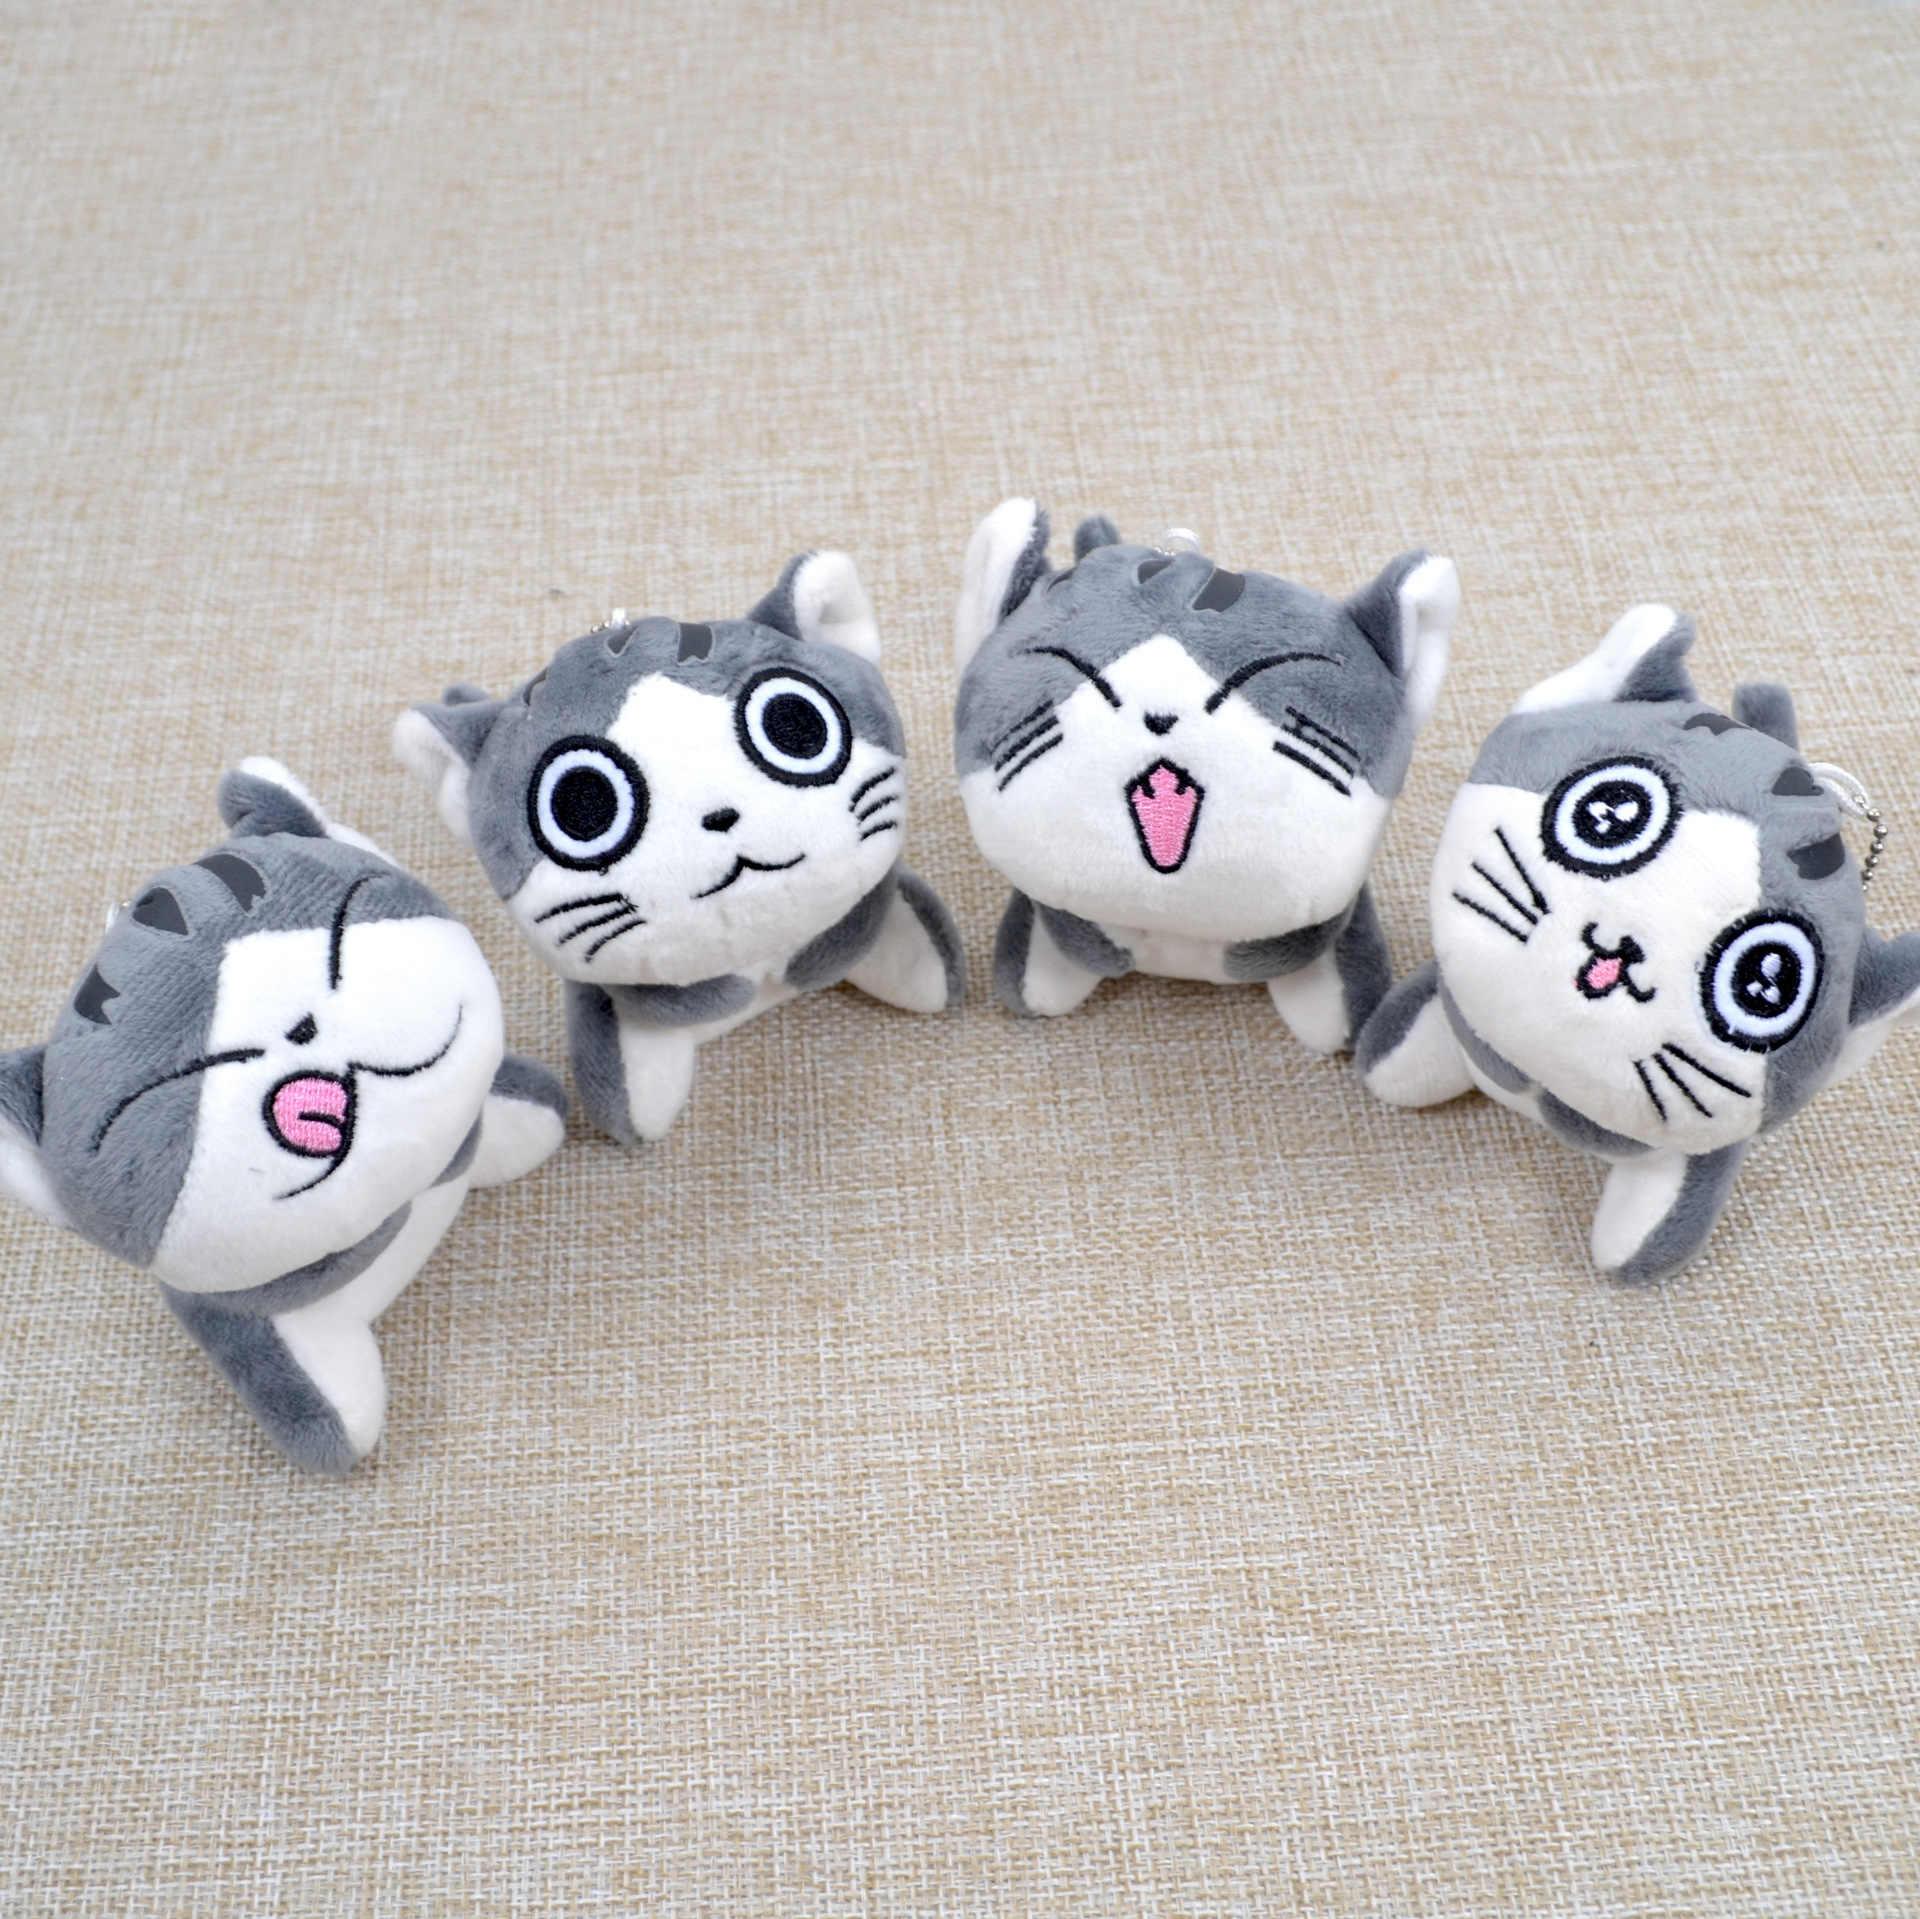 10cm Kawaii doux en peluche chat poupée porte-clés gris assis chat en peluche jouets en peluche Bouquet cadeau en peluche chat en peluche poupée cadeau